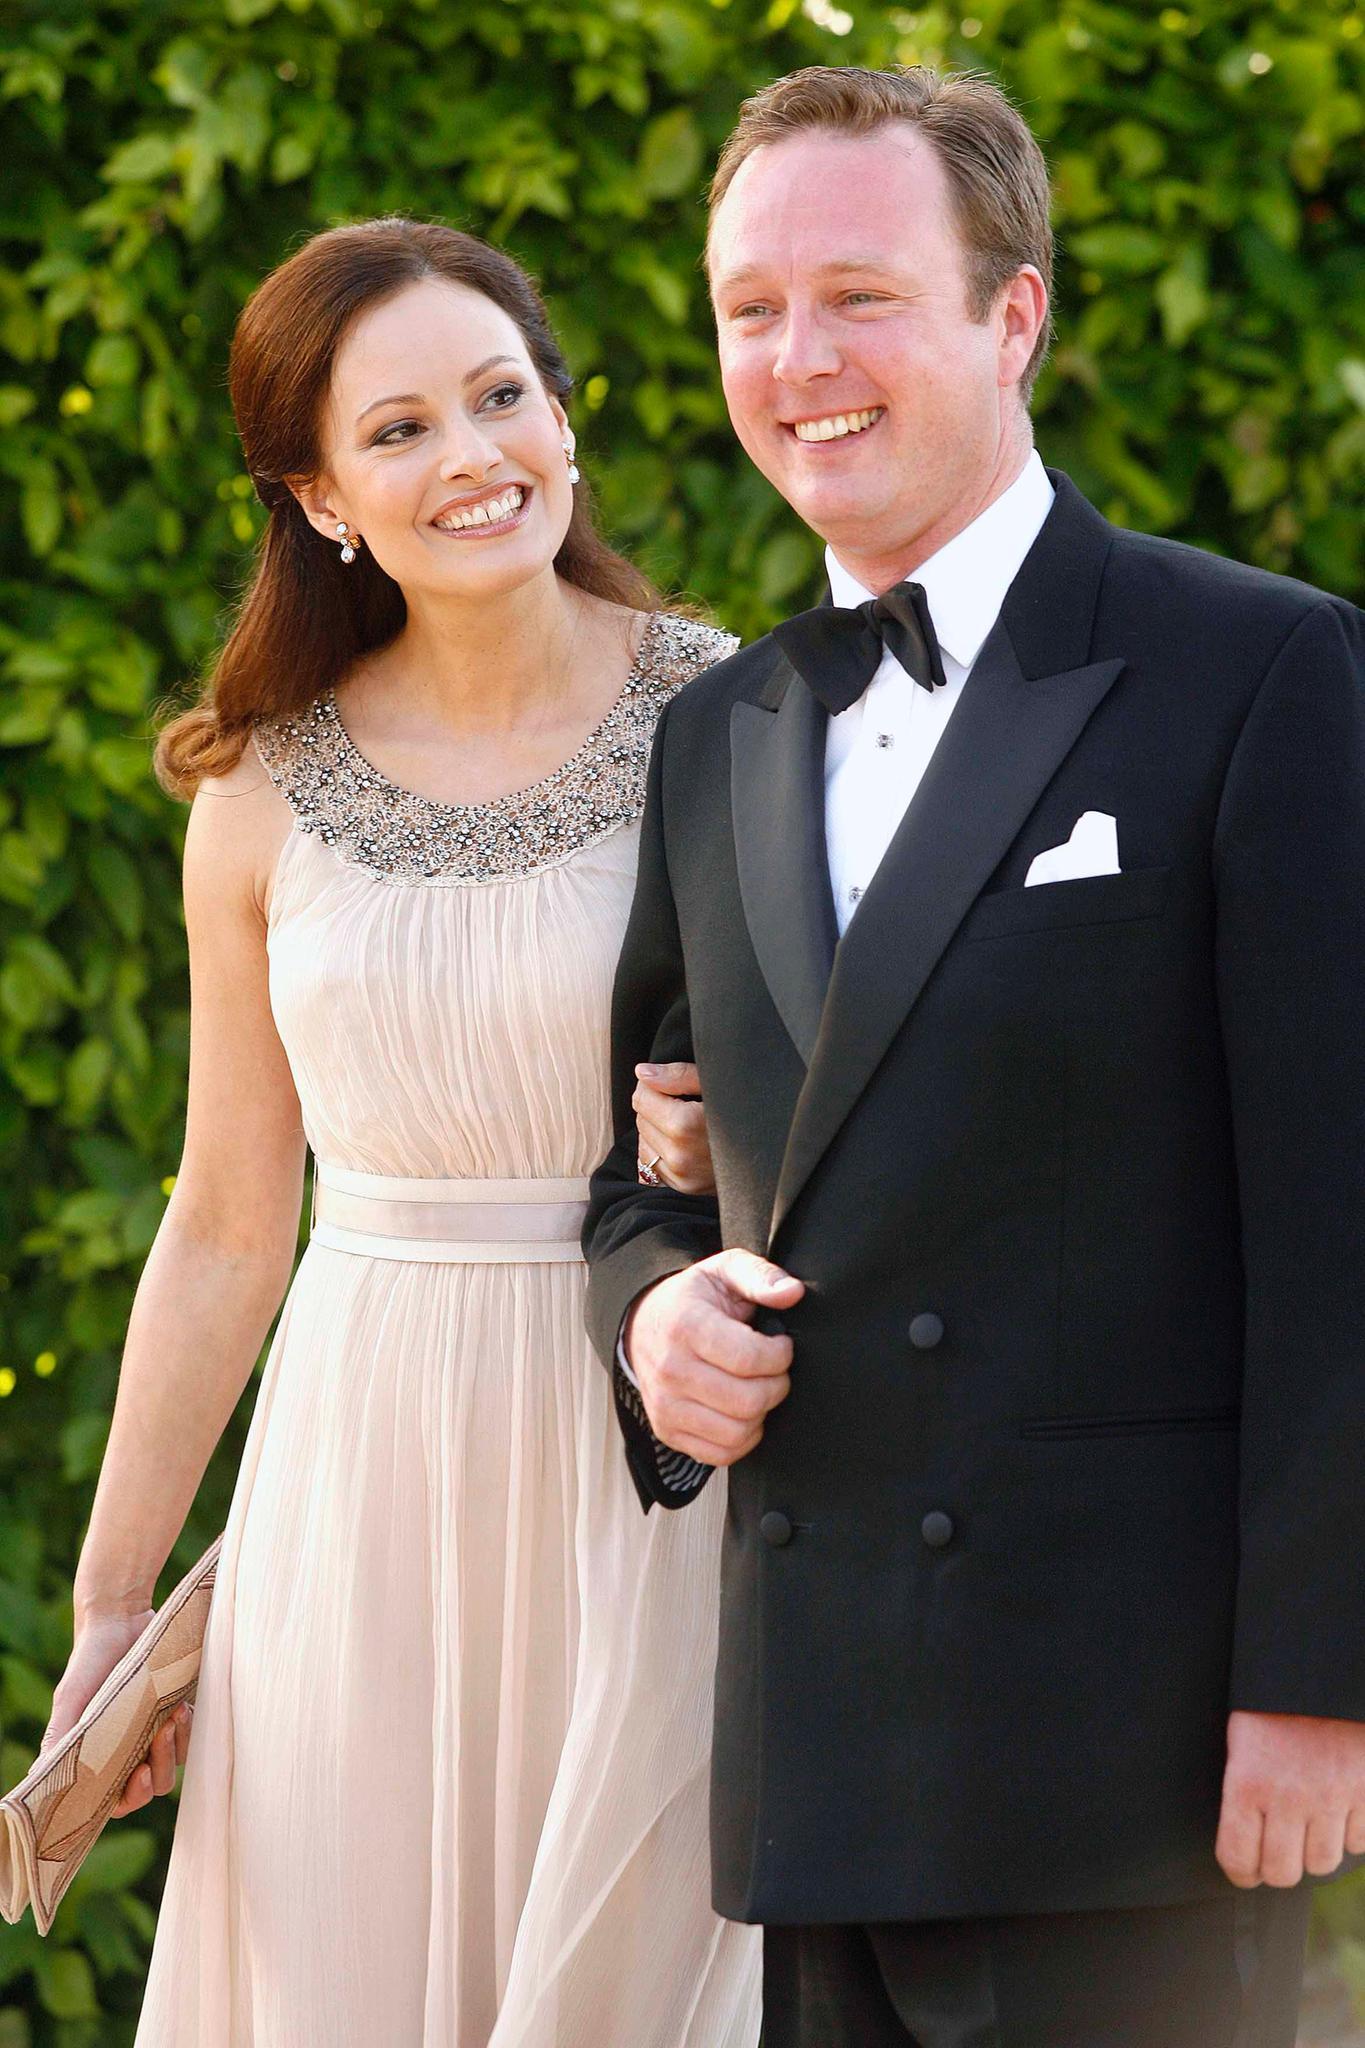 Carina Axelsson und Prinz Gustav von Sayn-Wittgenstein-Berleburg sind lange liiert und auch ohne Trauschein häufig zu Gast auf royalen Festen. 2008 beispielsweise beim 40. Geburtstag von Prinz Frederik, dem Cousin von Gustav.